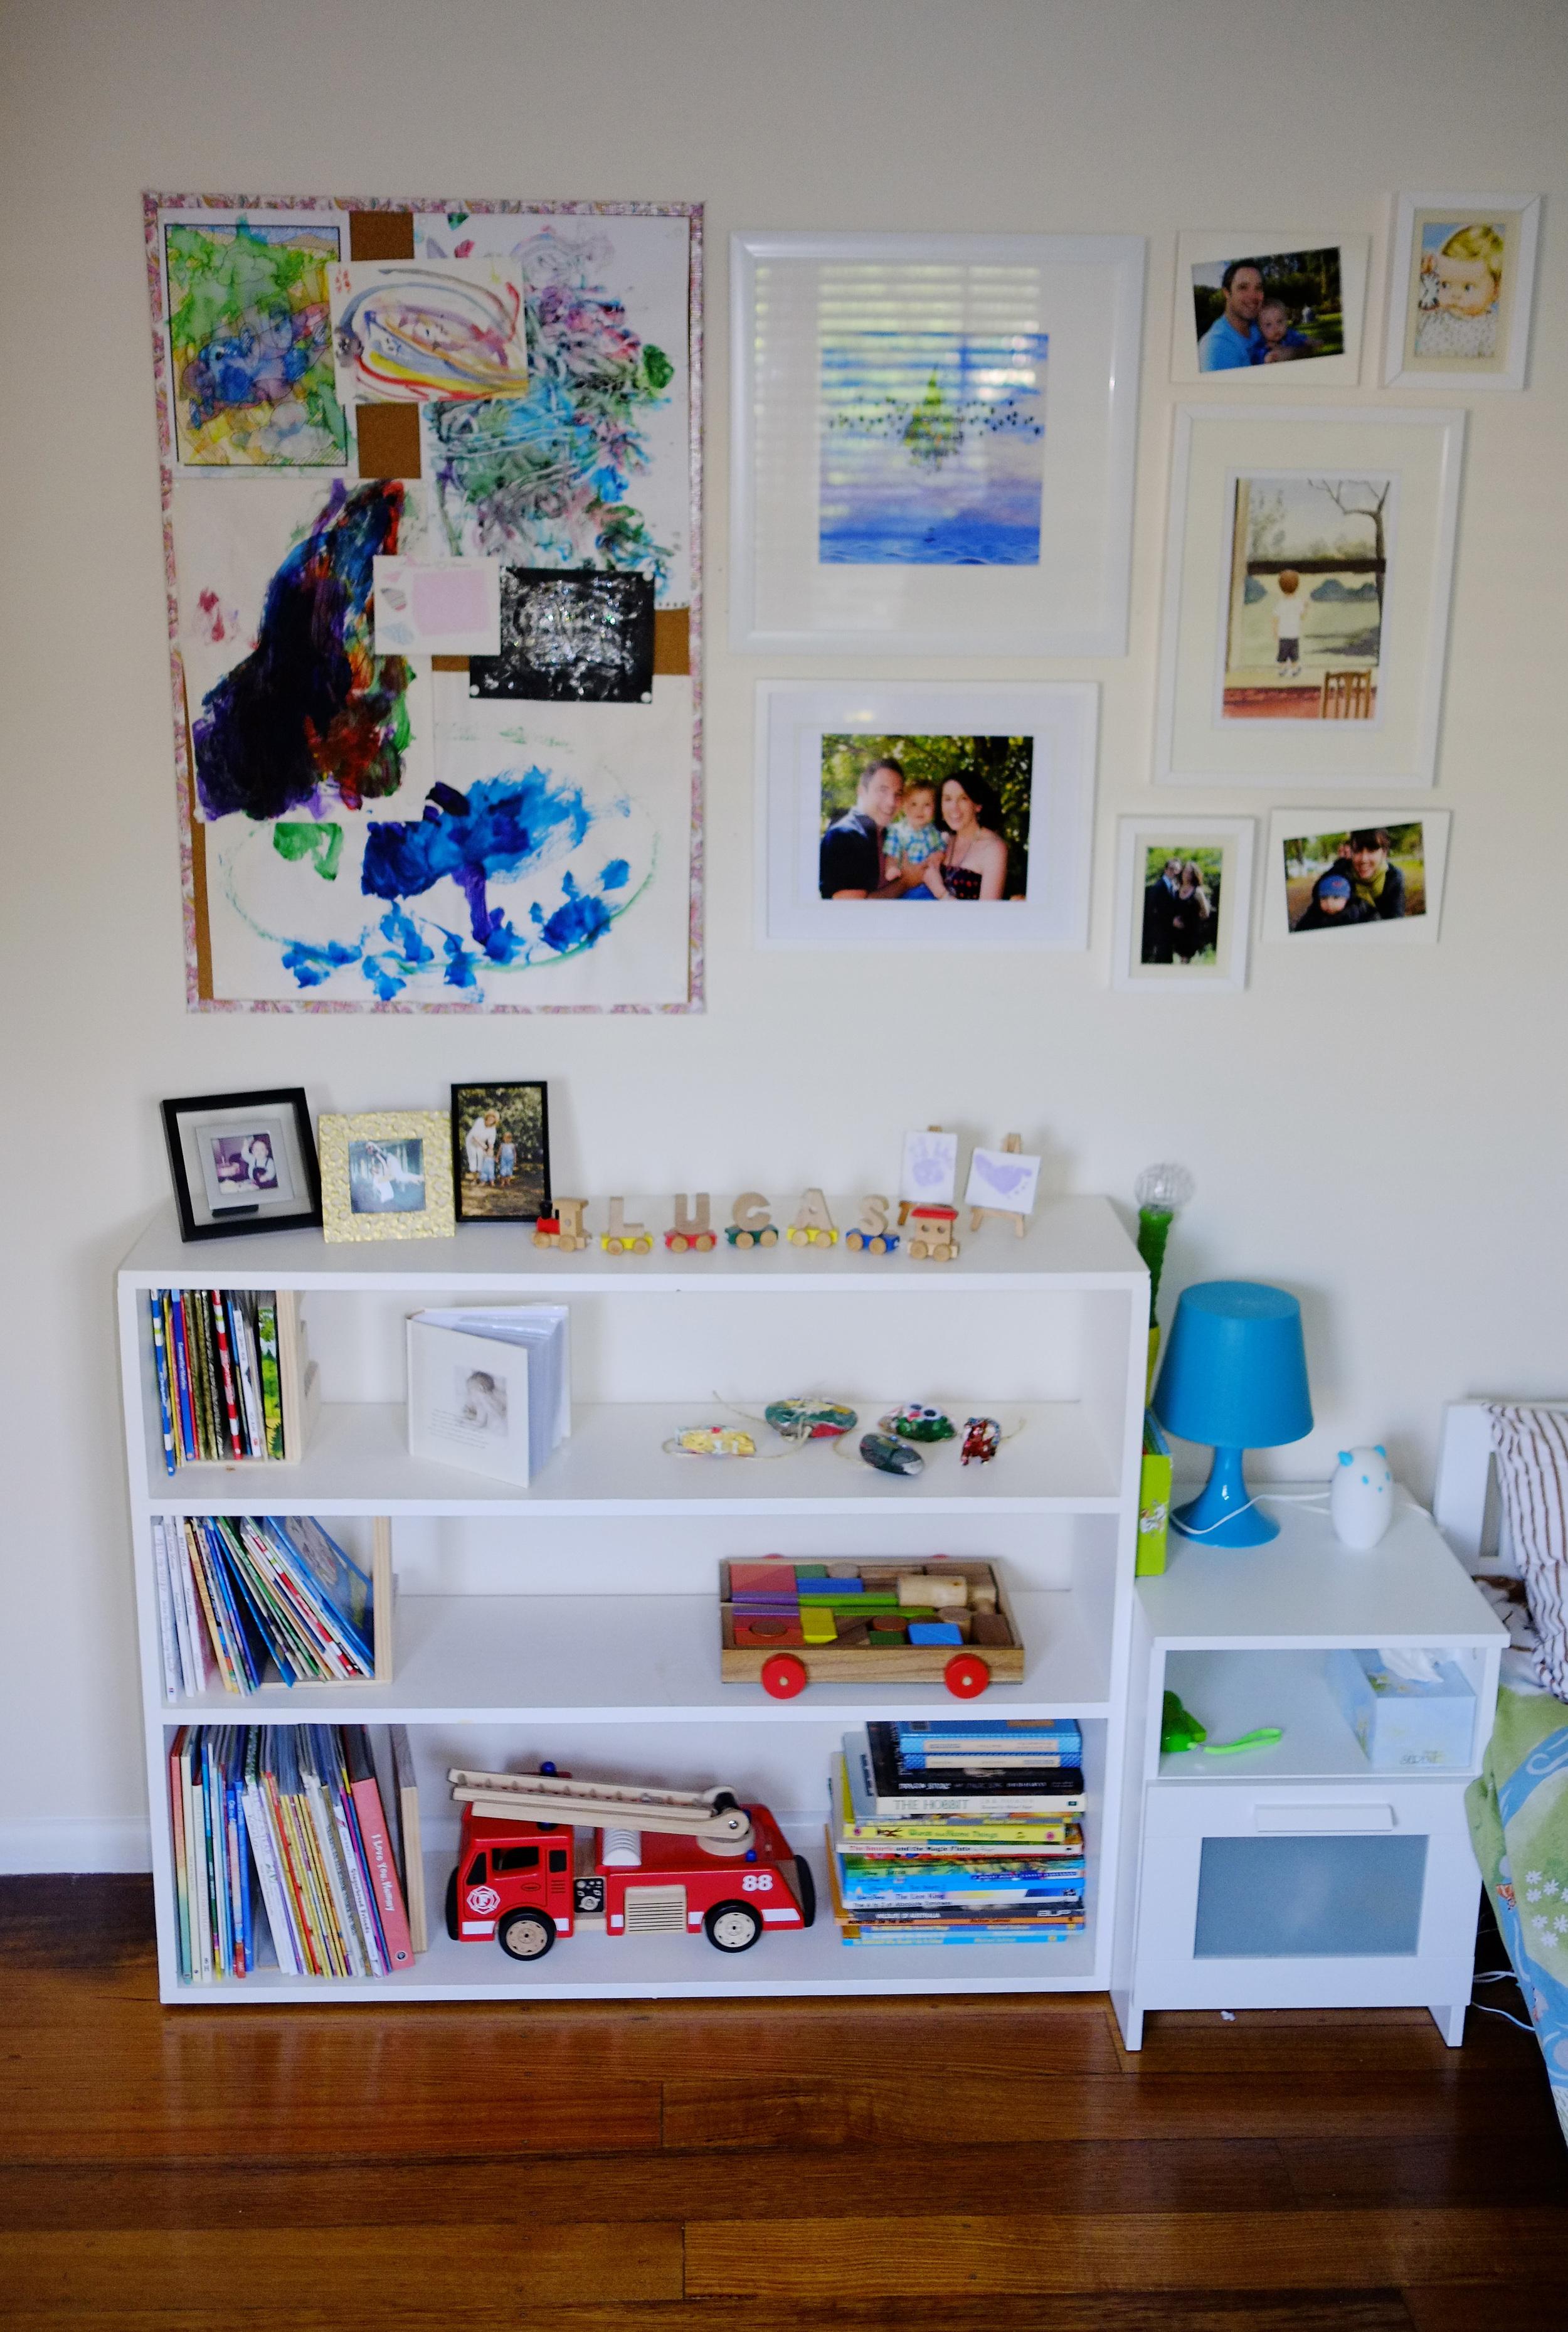 bookshelves and art